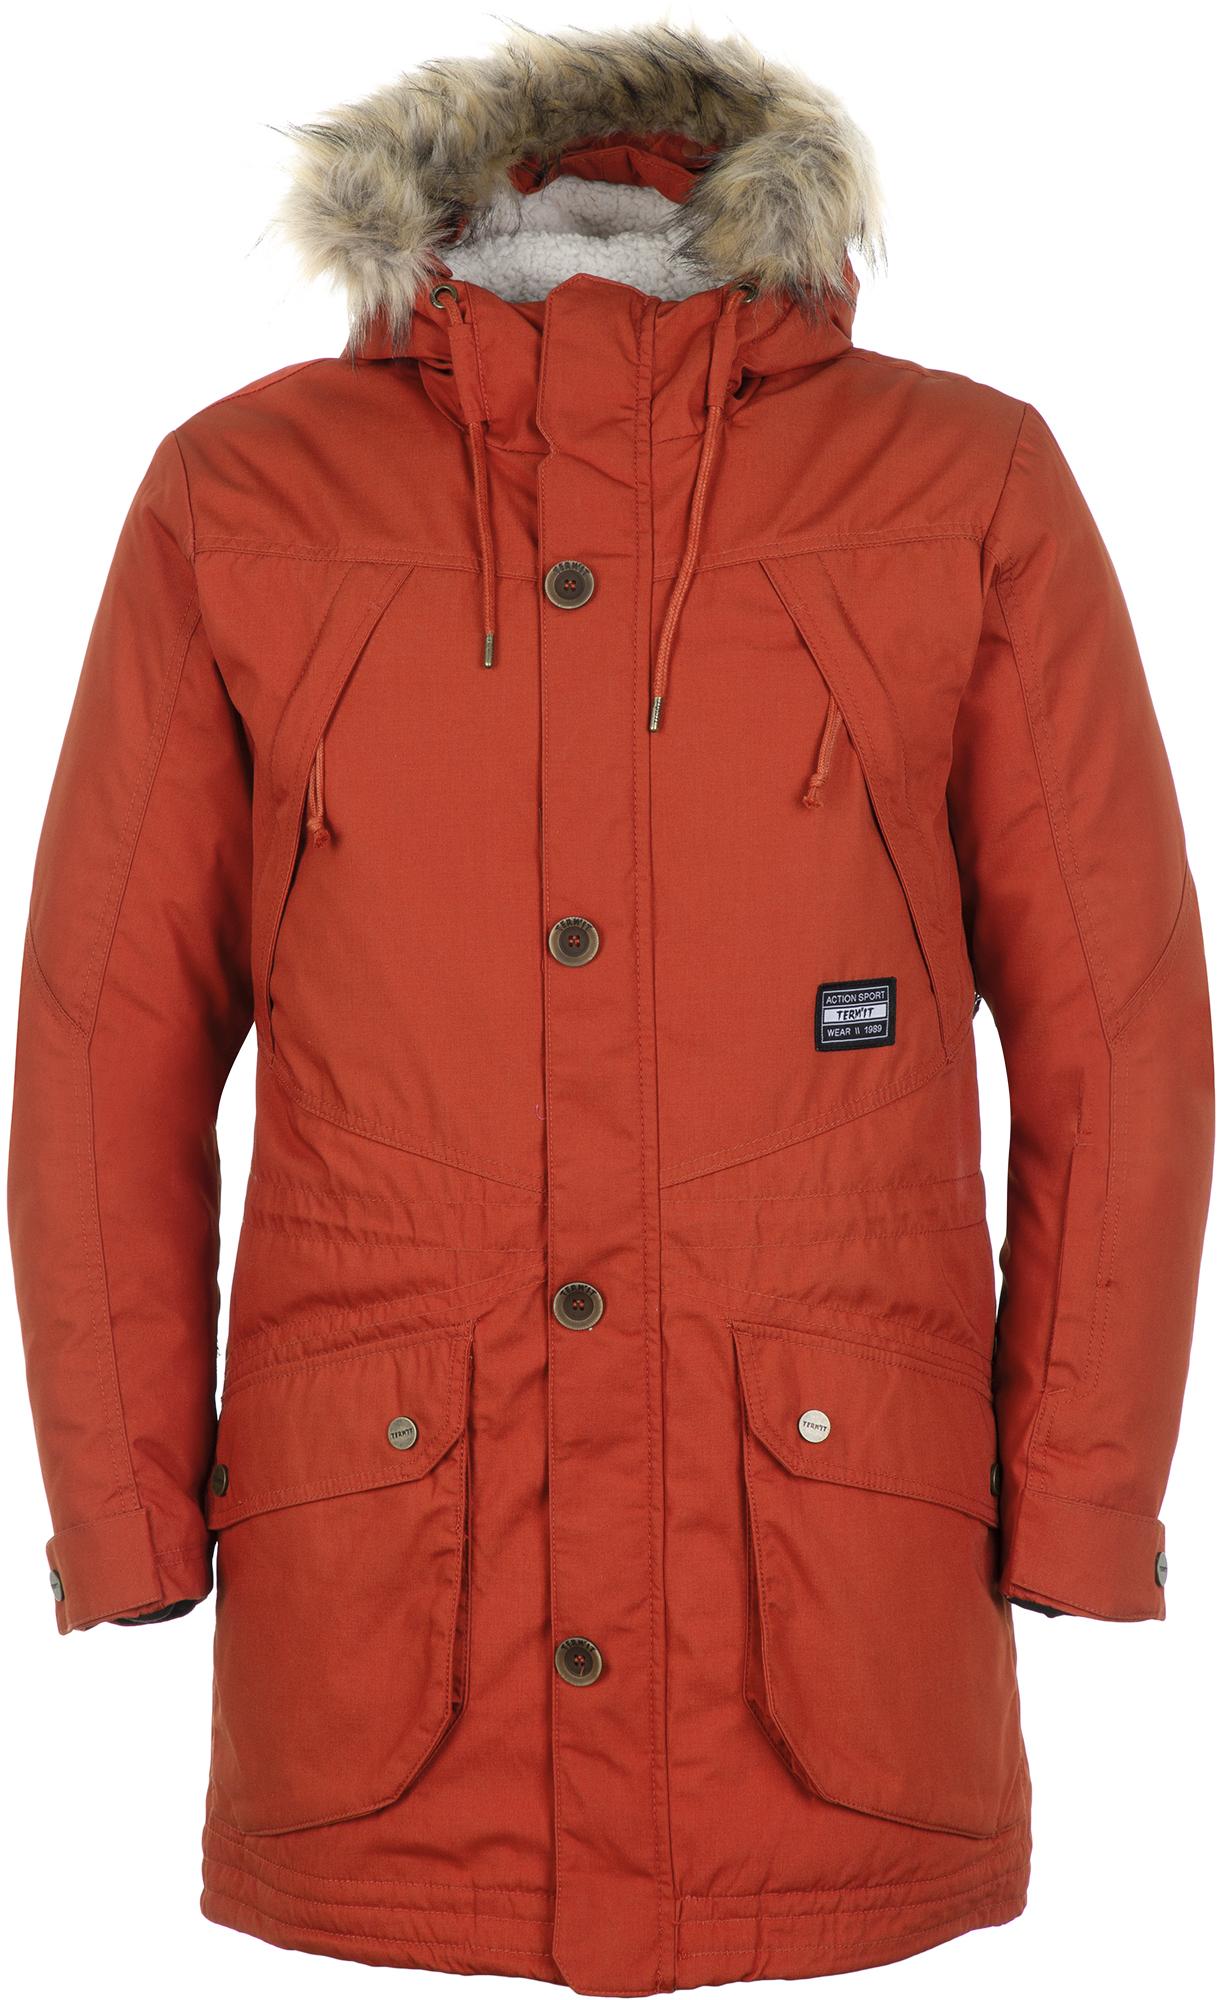 цены Termit Куртка пуховая мужская Termit, размер 44